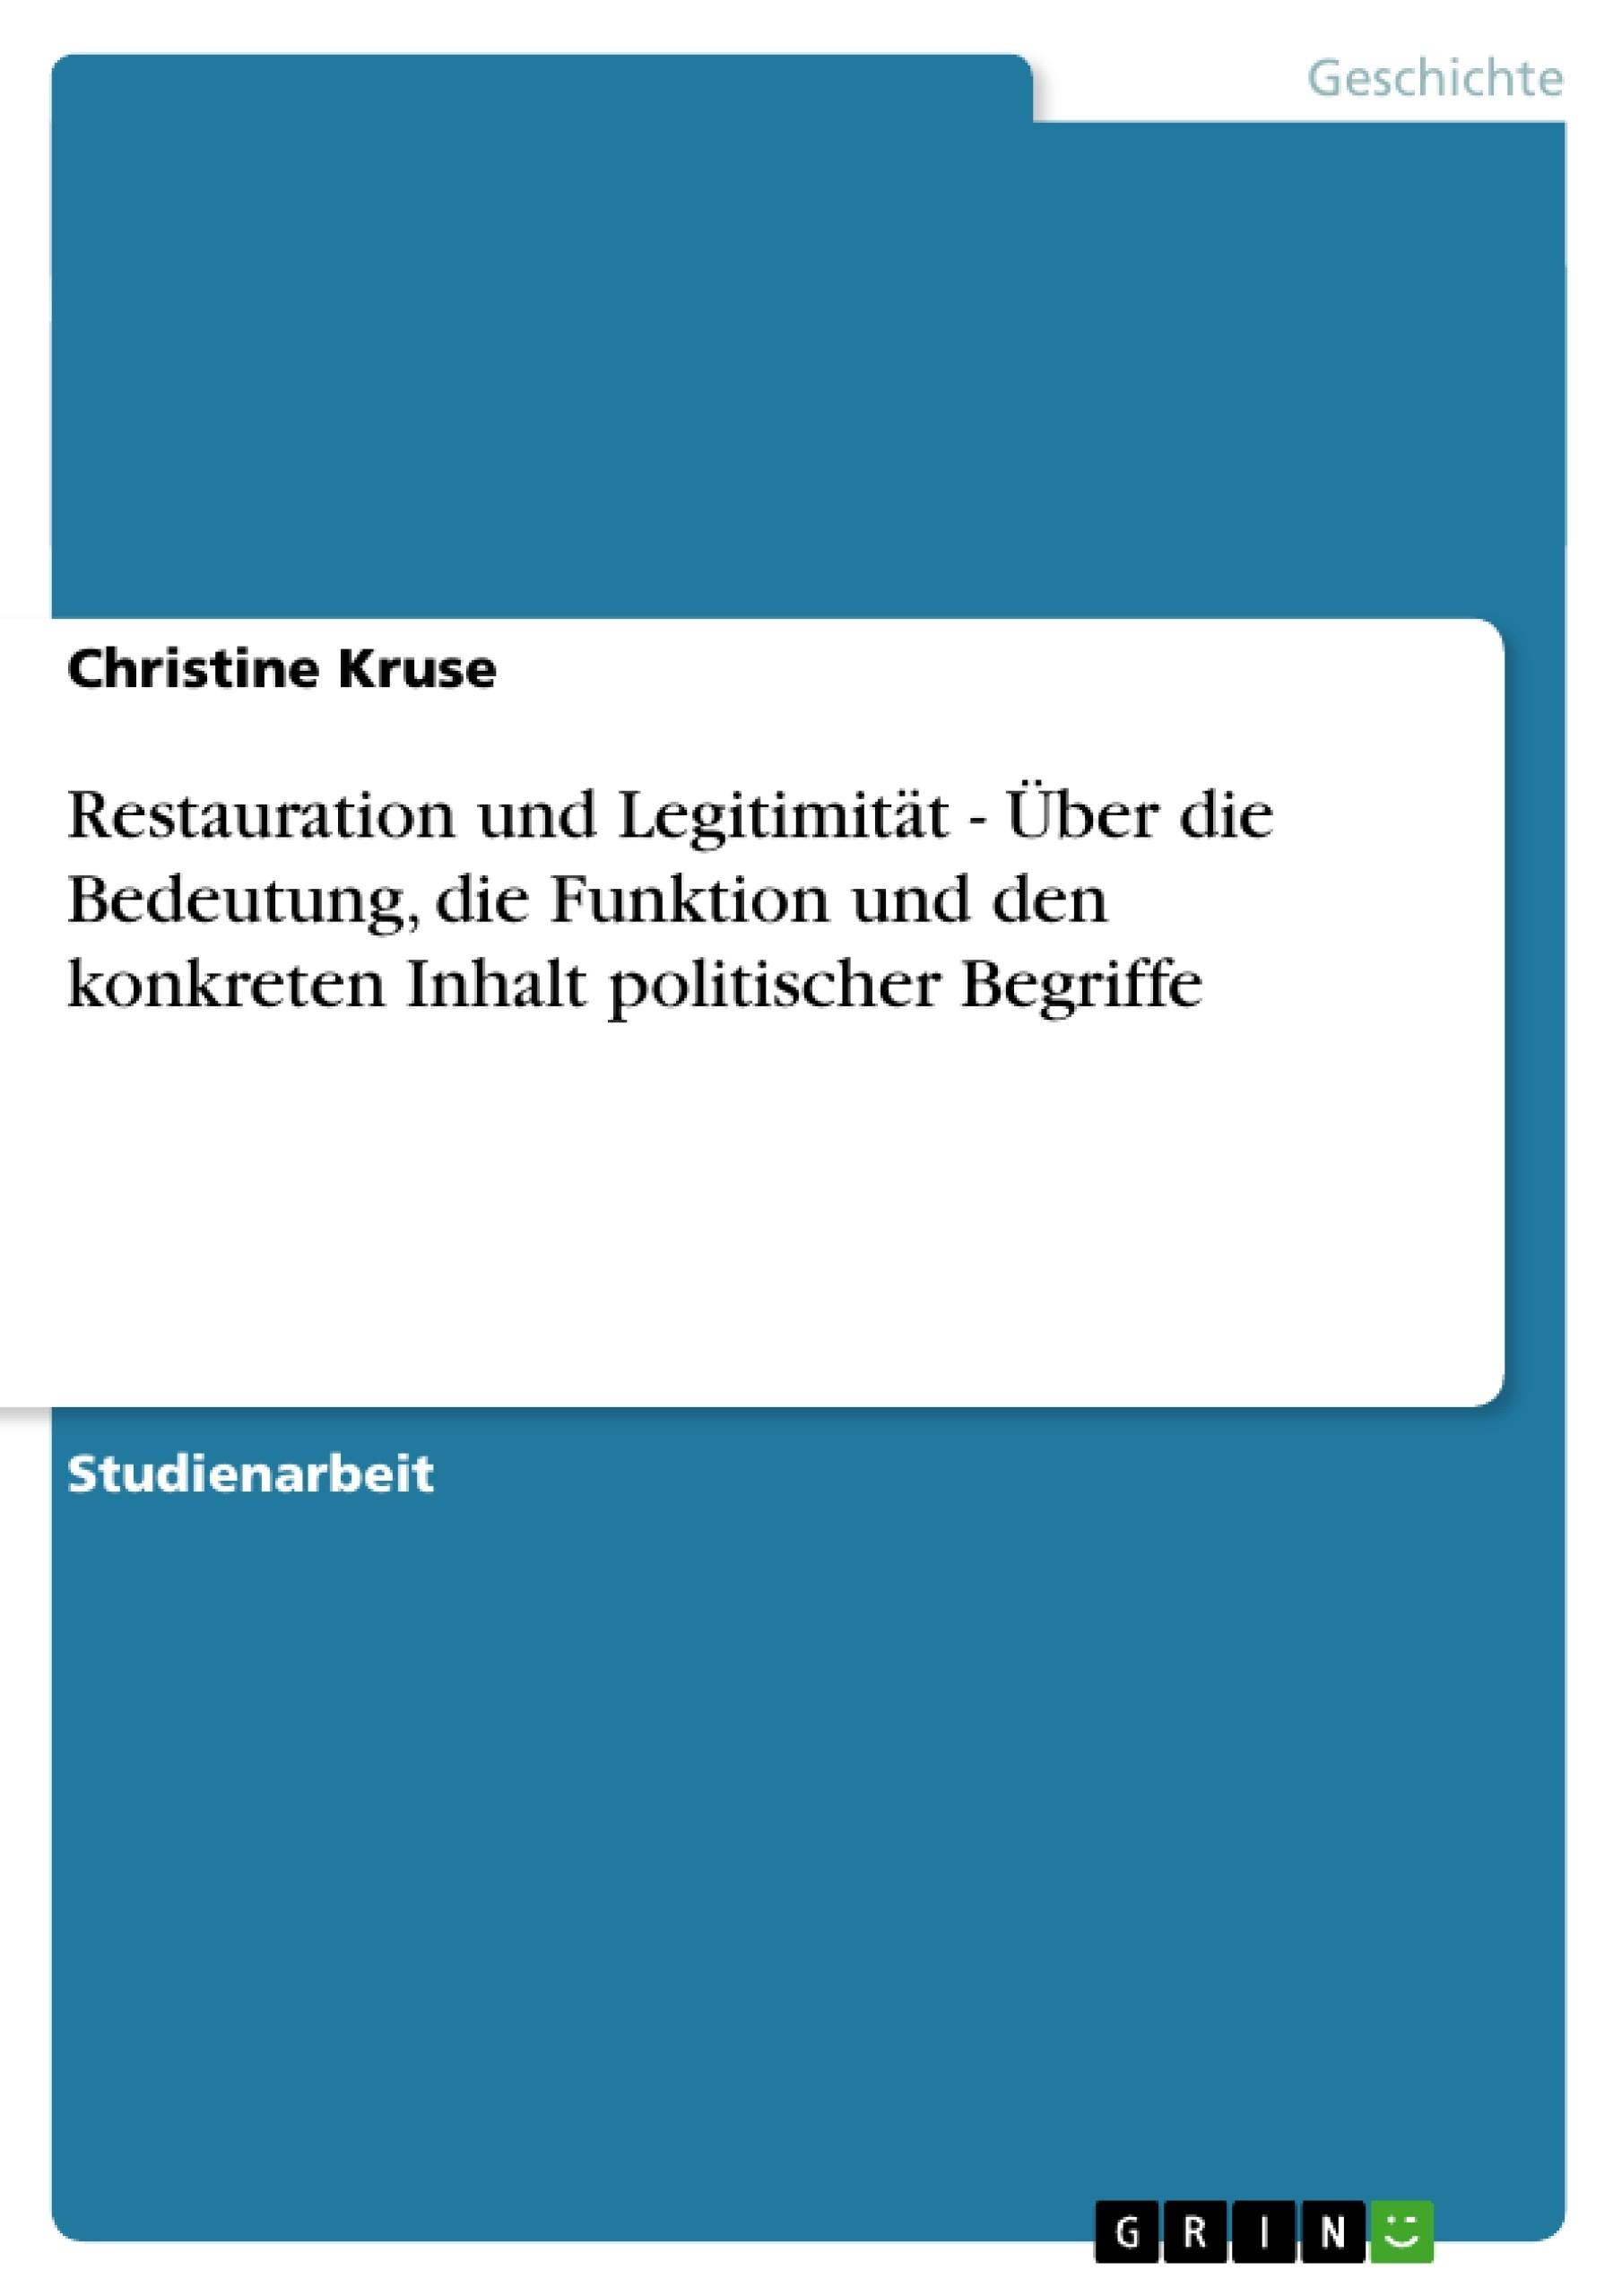 Titel: Restauration und Legitimität - Über die Bedeutung, die Funktion und den konkreten Inhalt politischer Begriffe